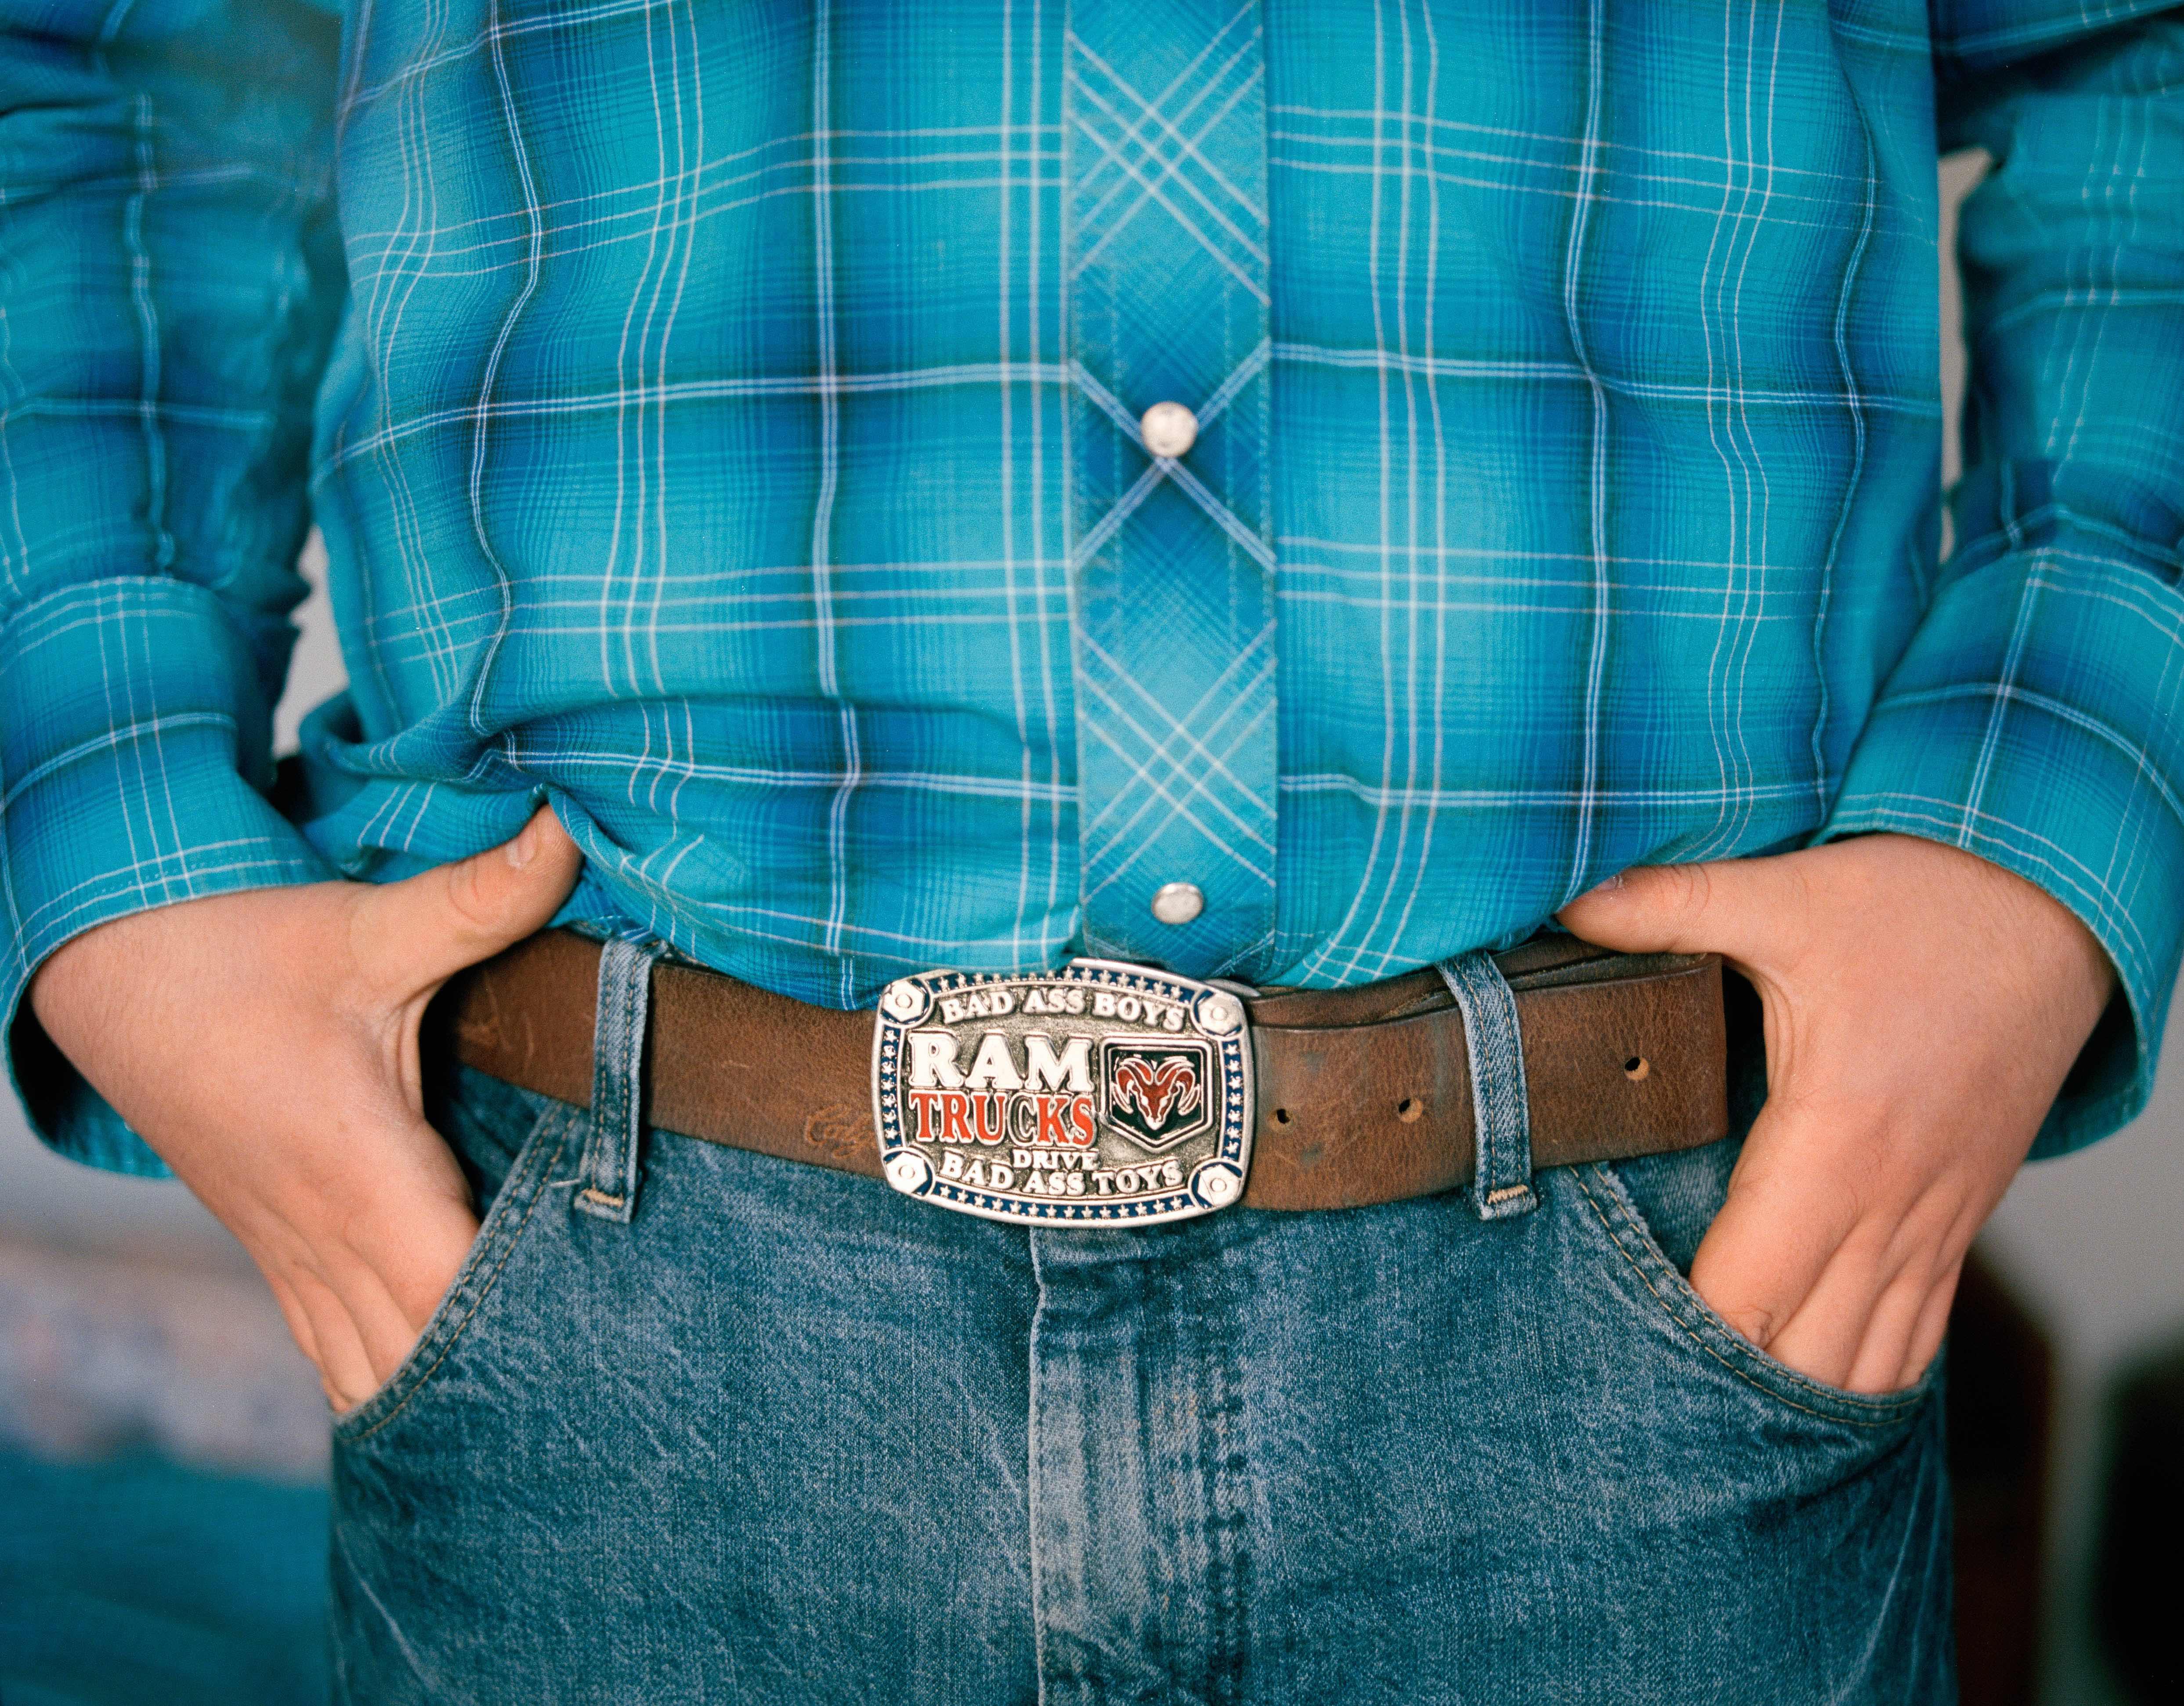 Western rider Matthew Faircroft-Robert's belt